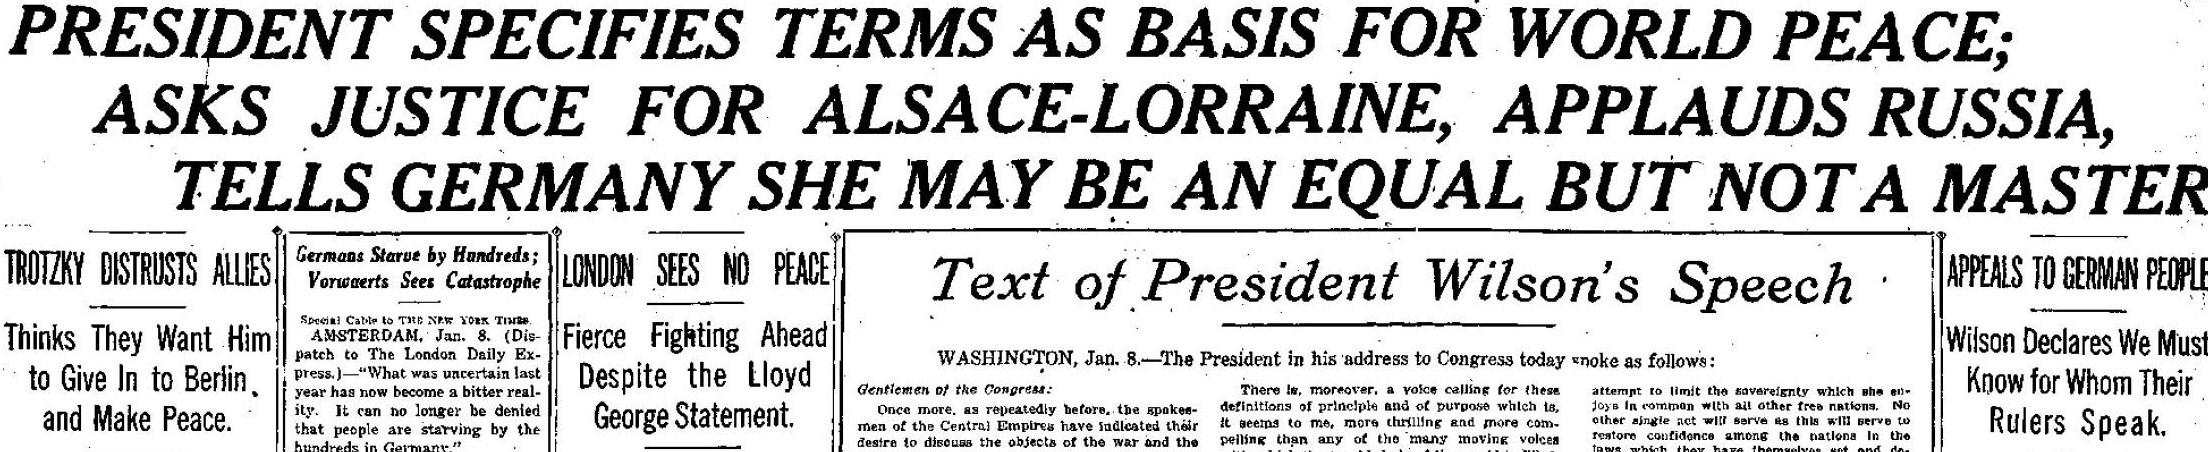 NY Times January 9, 1918